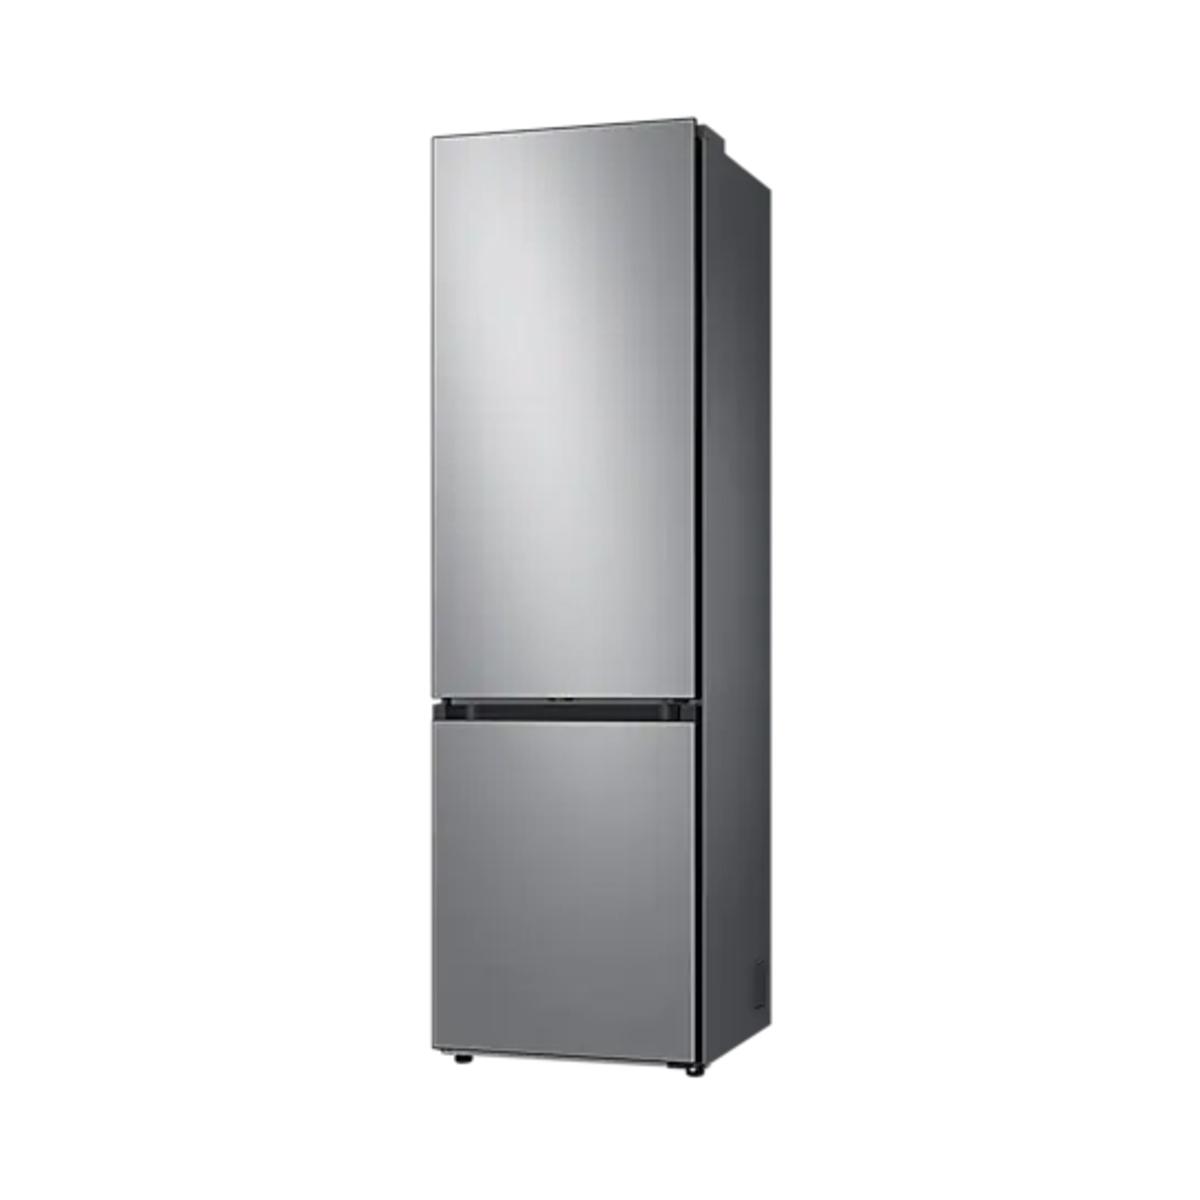 Samsung RB38A7B53S9/EU Bespoke 2.03m Fridge Freezer, Matt Stainless